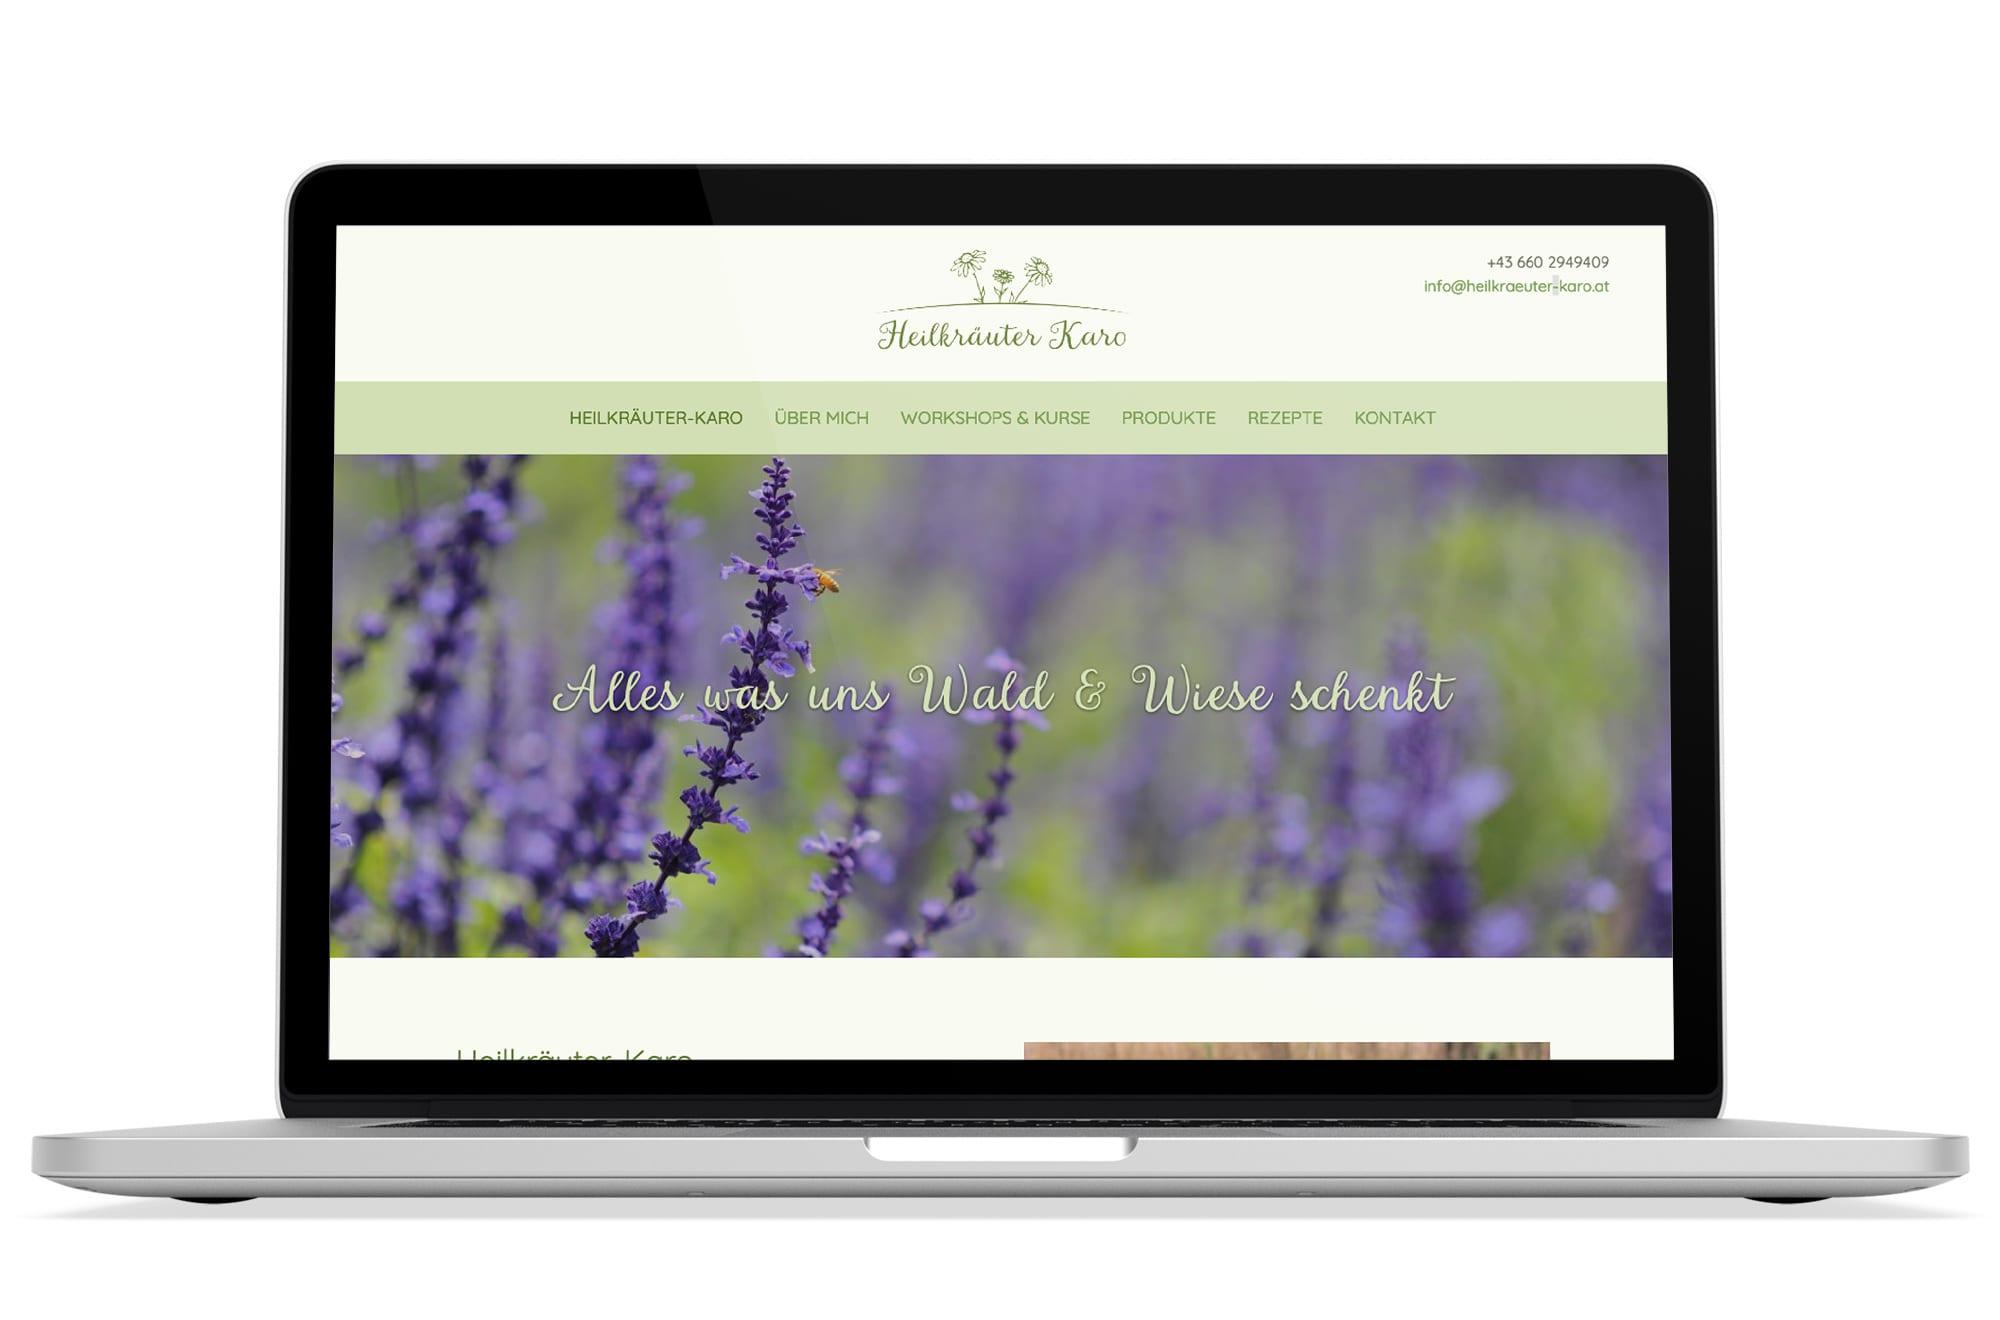 Webdesign Beispiel: Logodesign, Responsive Webdesign, WordPress für Kräuterwanderungen in Wien